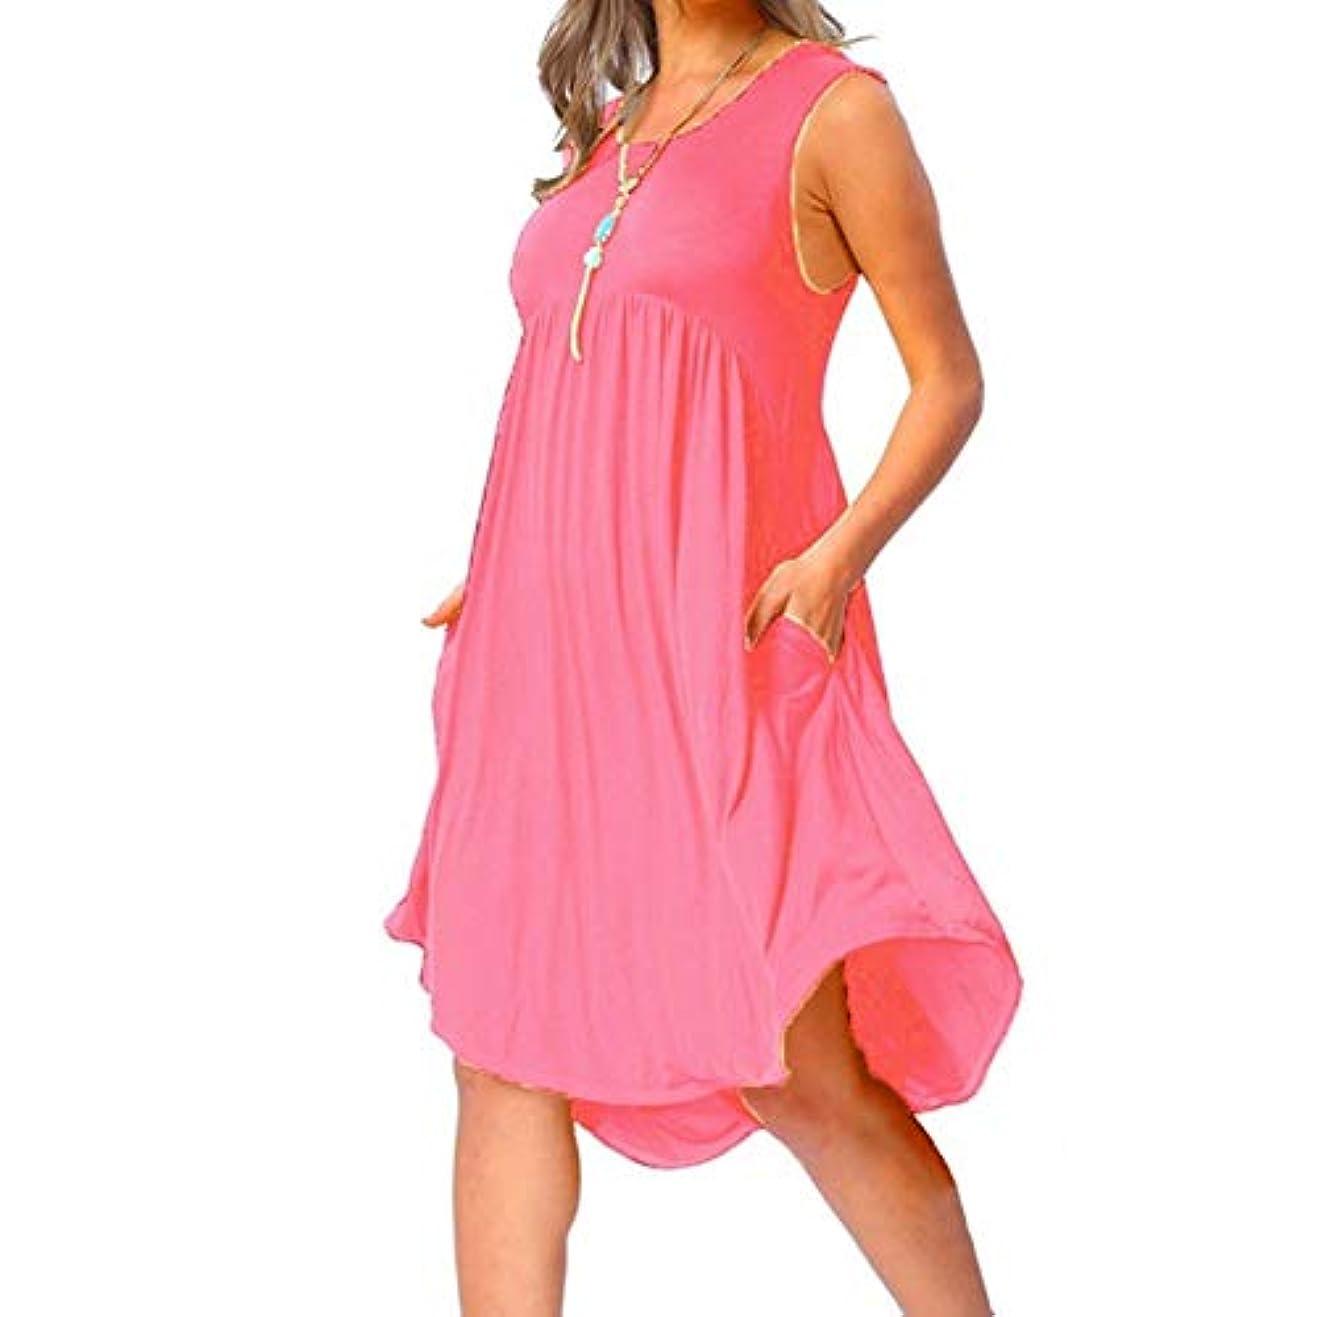 役員モバイル病んでいるMIFAN の女性のドレスカジュアルな不規則なドレスルースサマービーチTシャツドレス